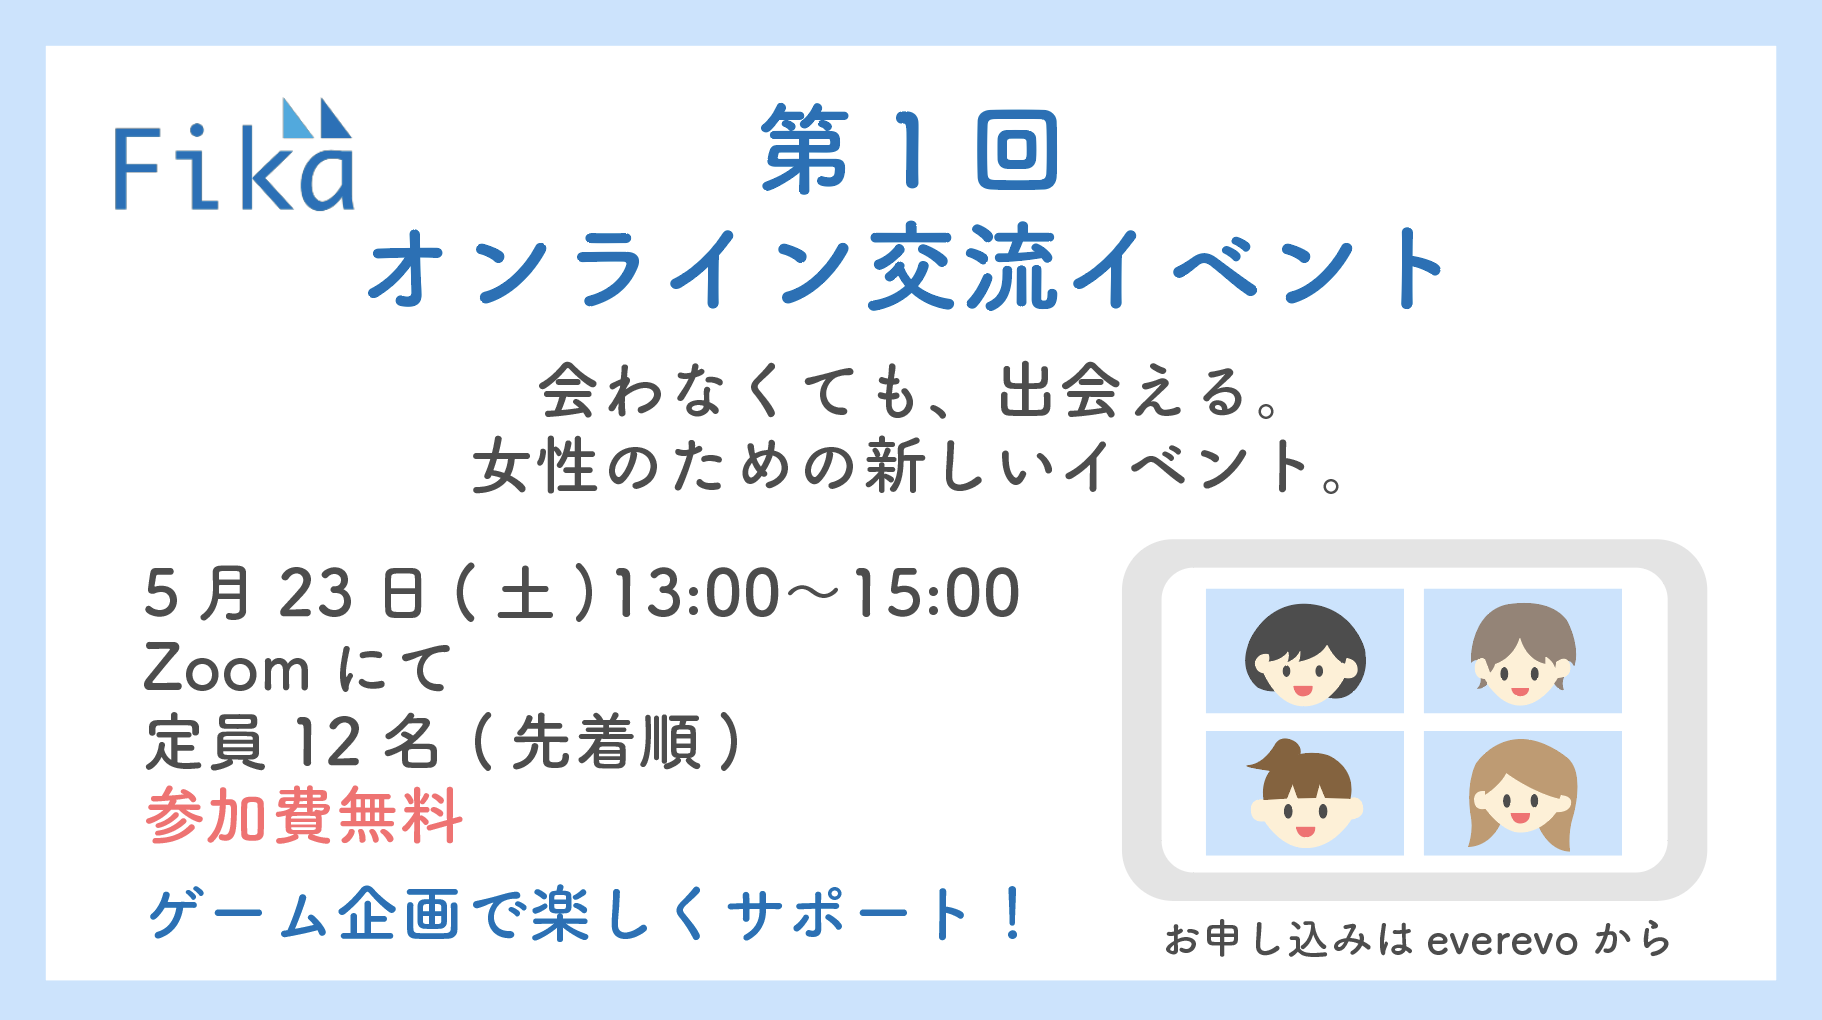 第1回 Fikaオンライン交流イベント